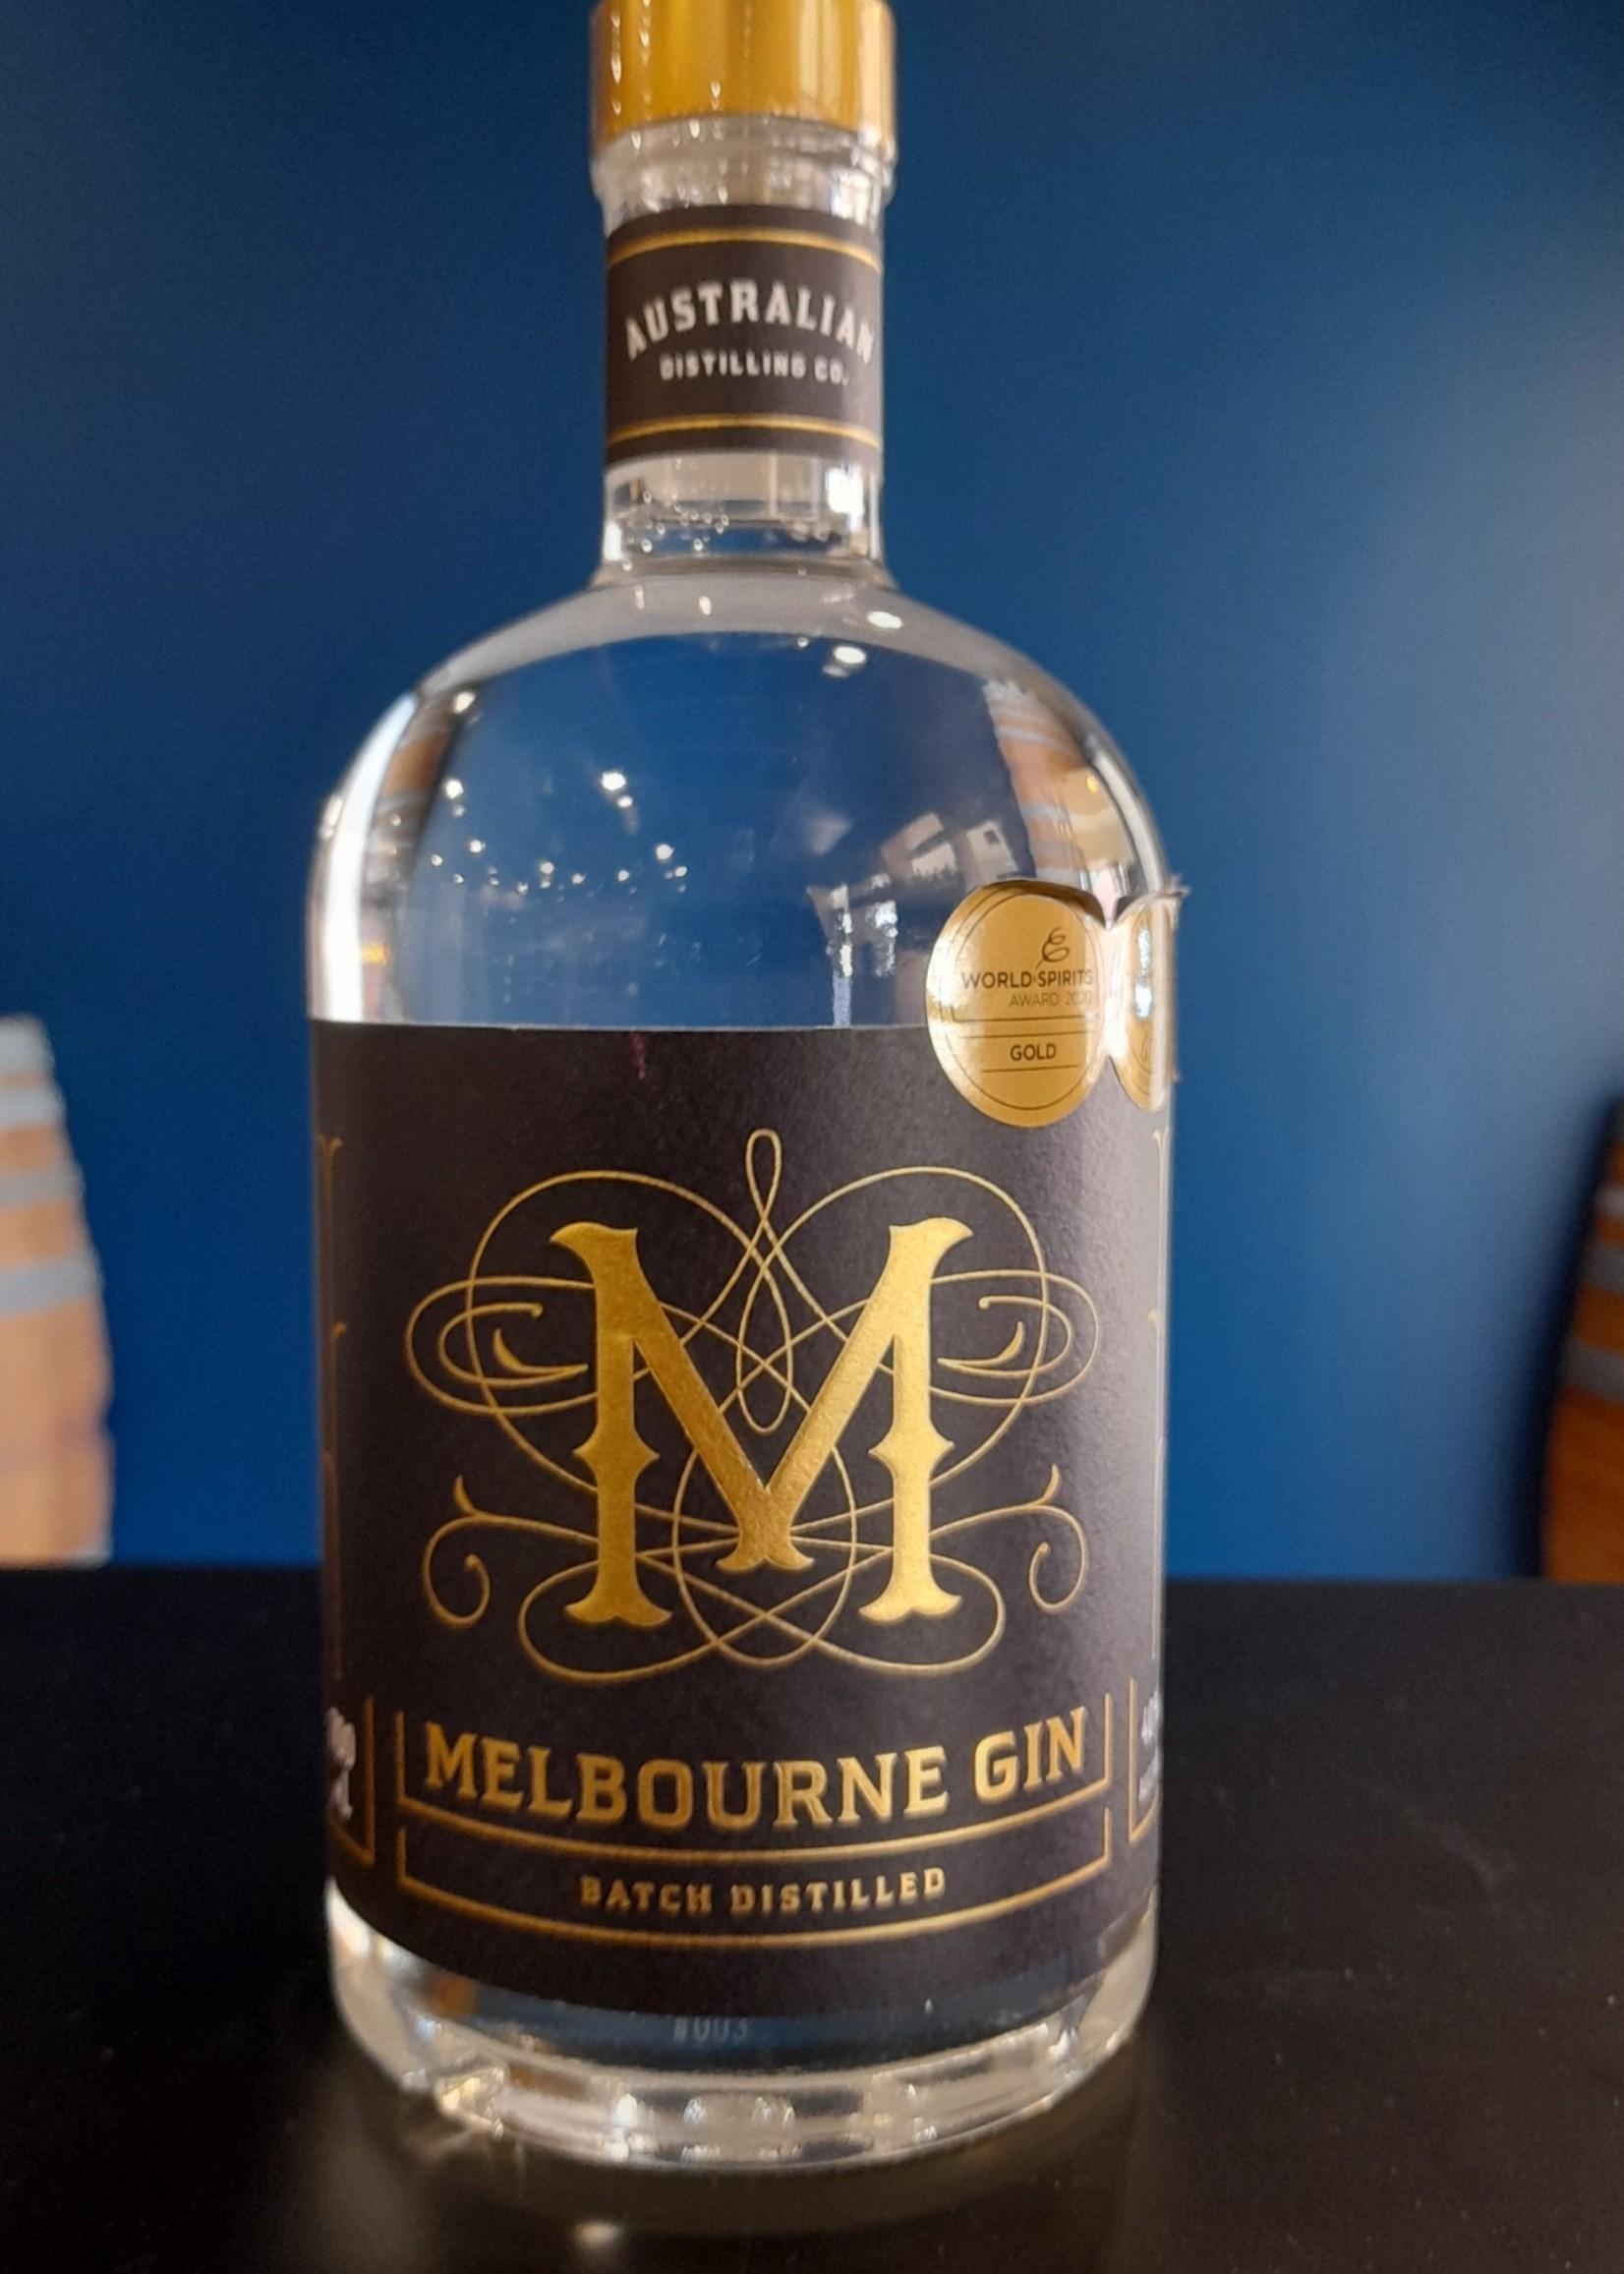 Australian Distilling CO. ADCO MELBOURNE GIN